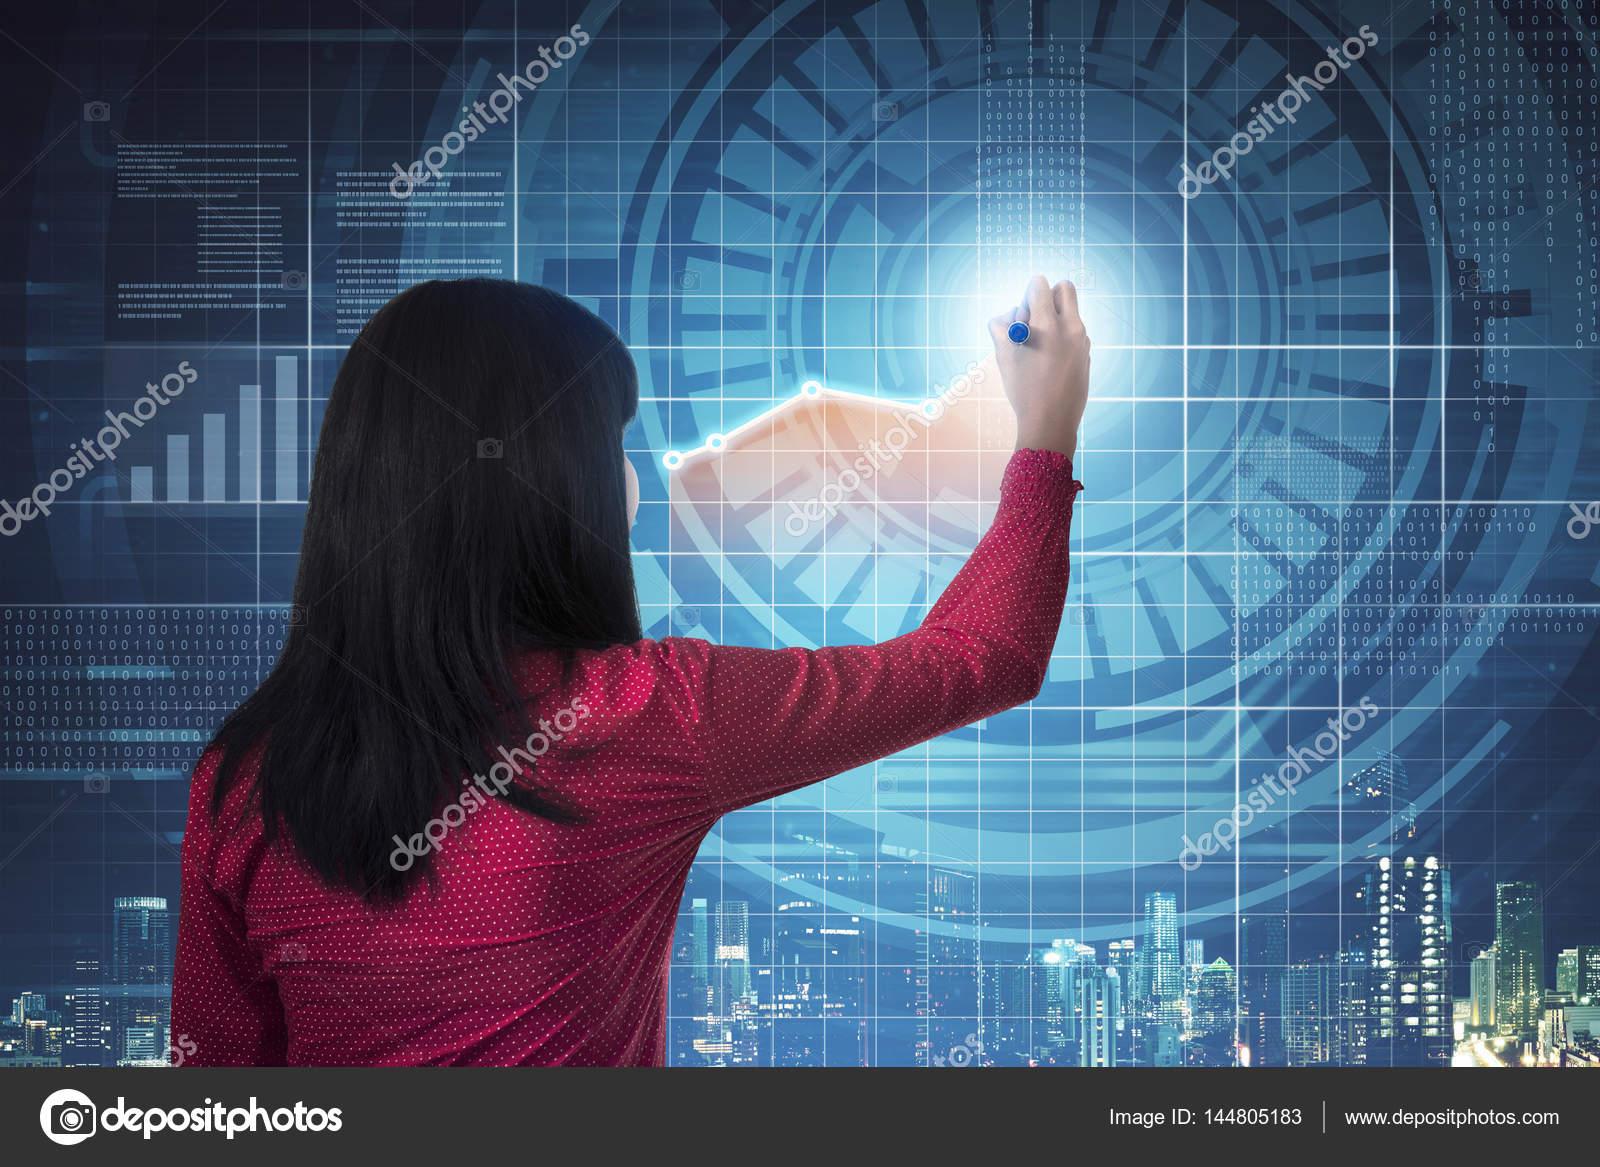 Asijske Zeny Kresba Digitalni Graf Stock Fotografie C Leolintang